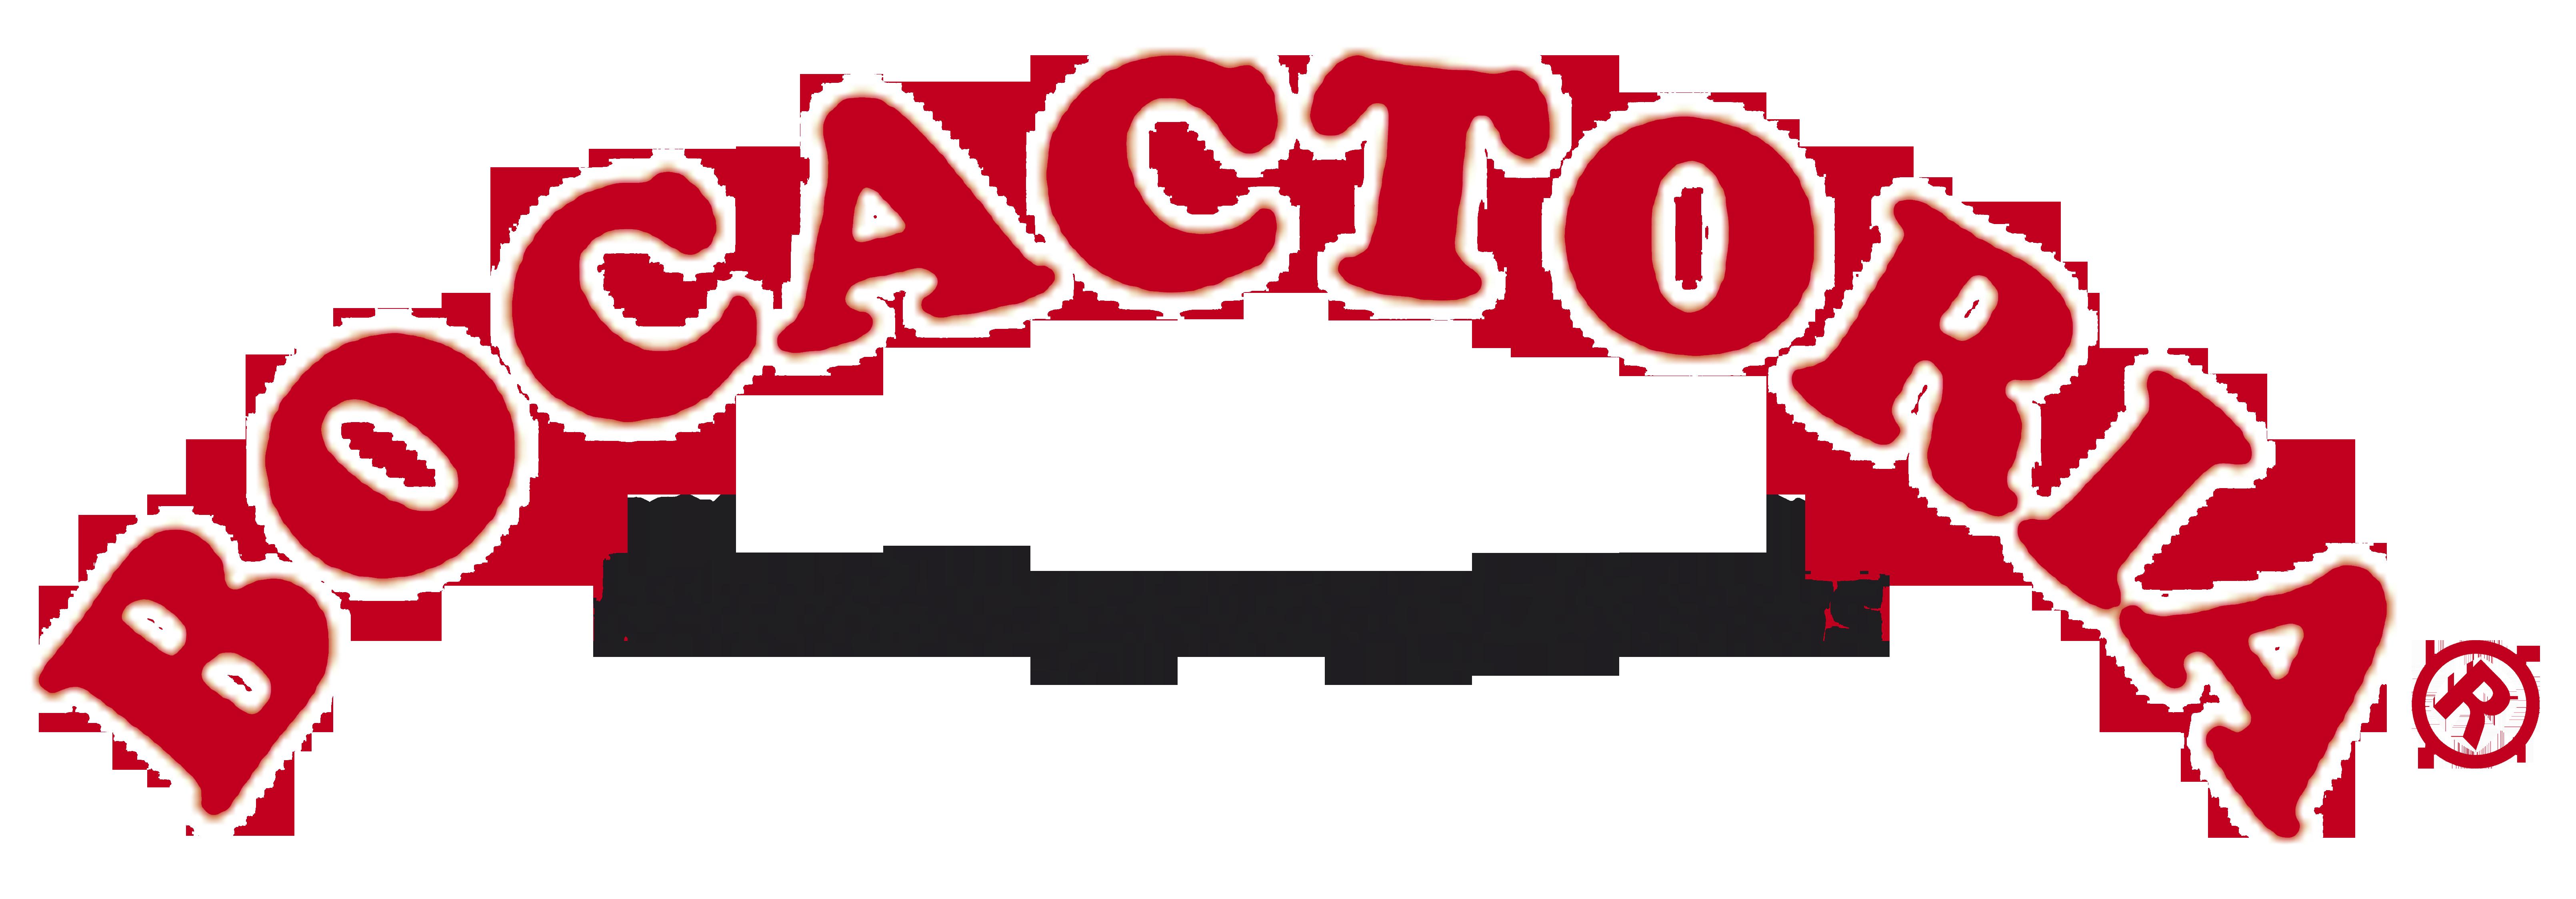 Bocactoria